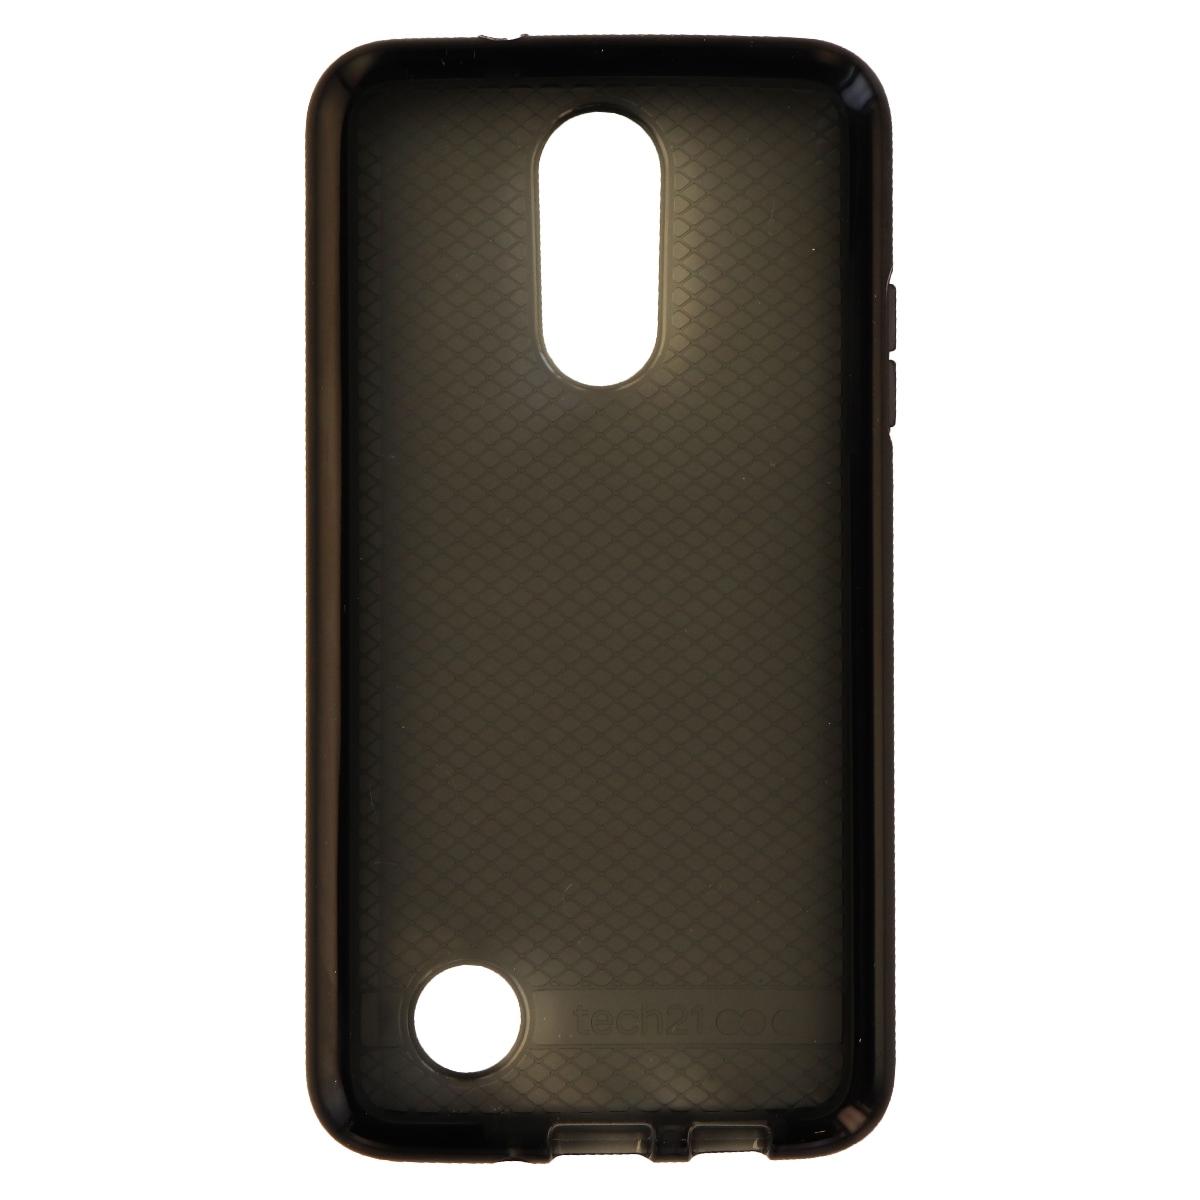 Tech21 Evo Check Series Flexible Gel Case for LG K8 (2017) - Black/Smoke